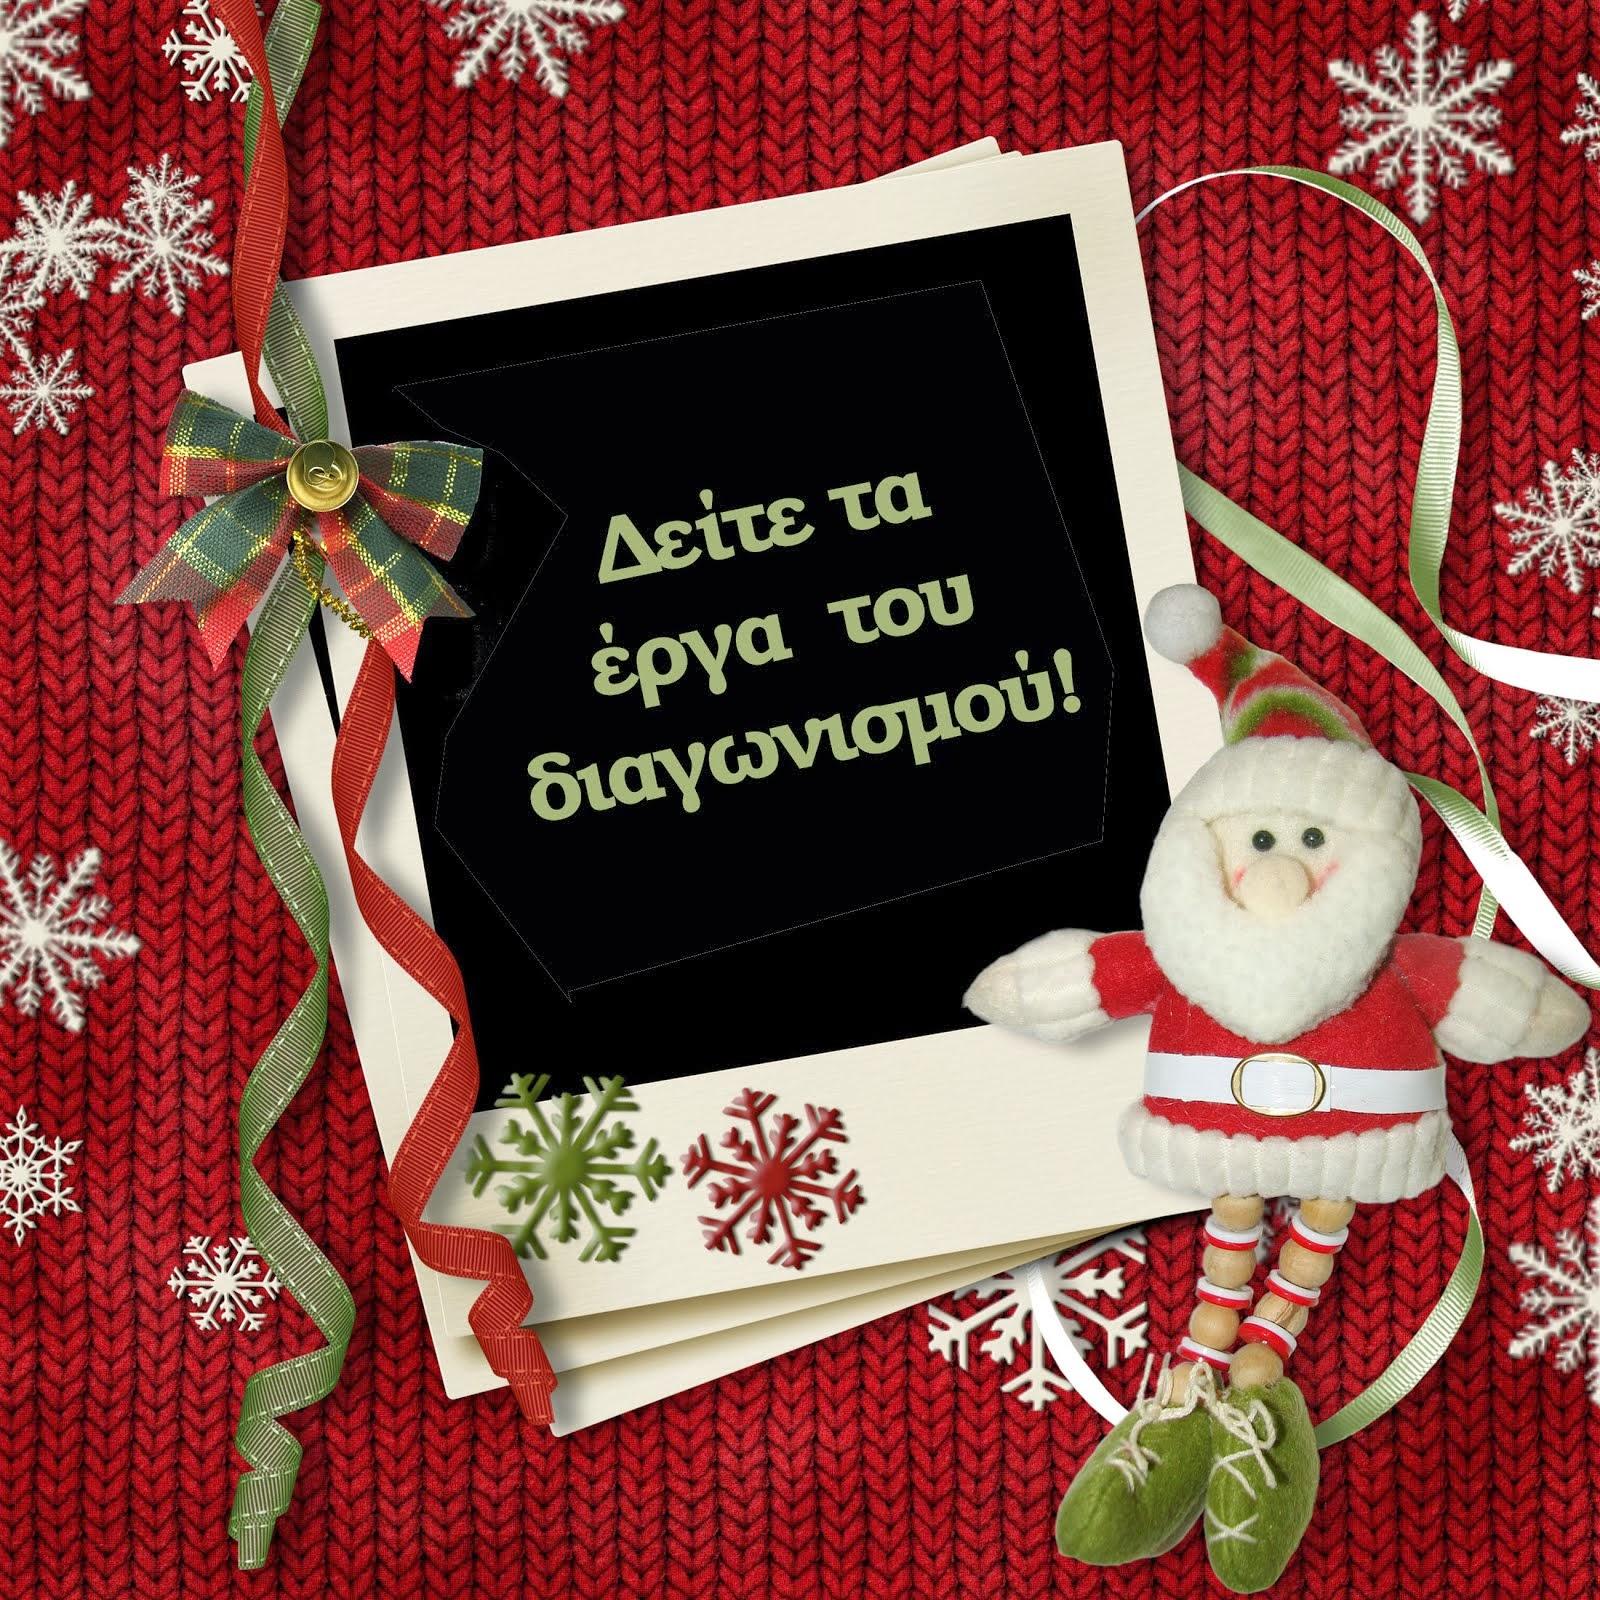 Διαγωνισμός Χριστουγεννιάτικων Στολιδιών